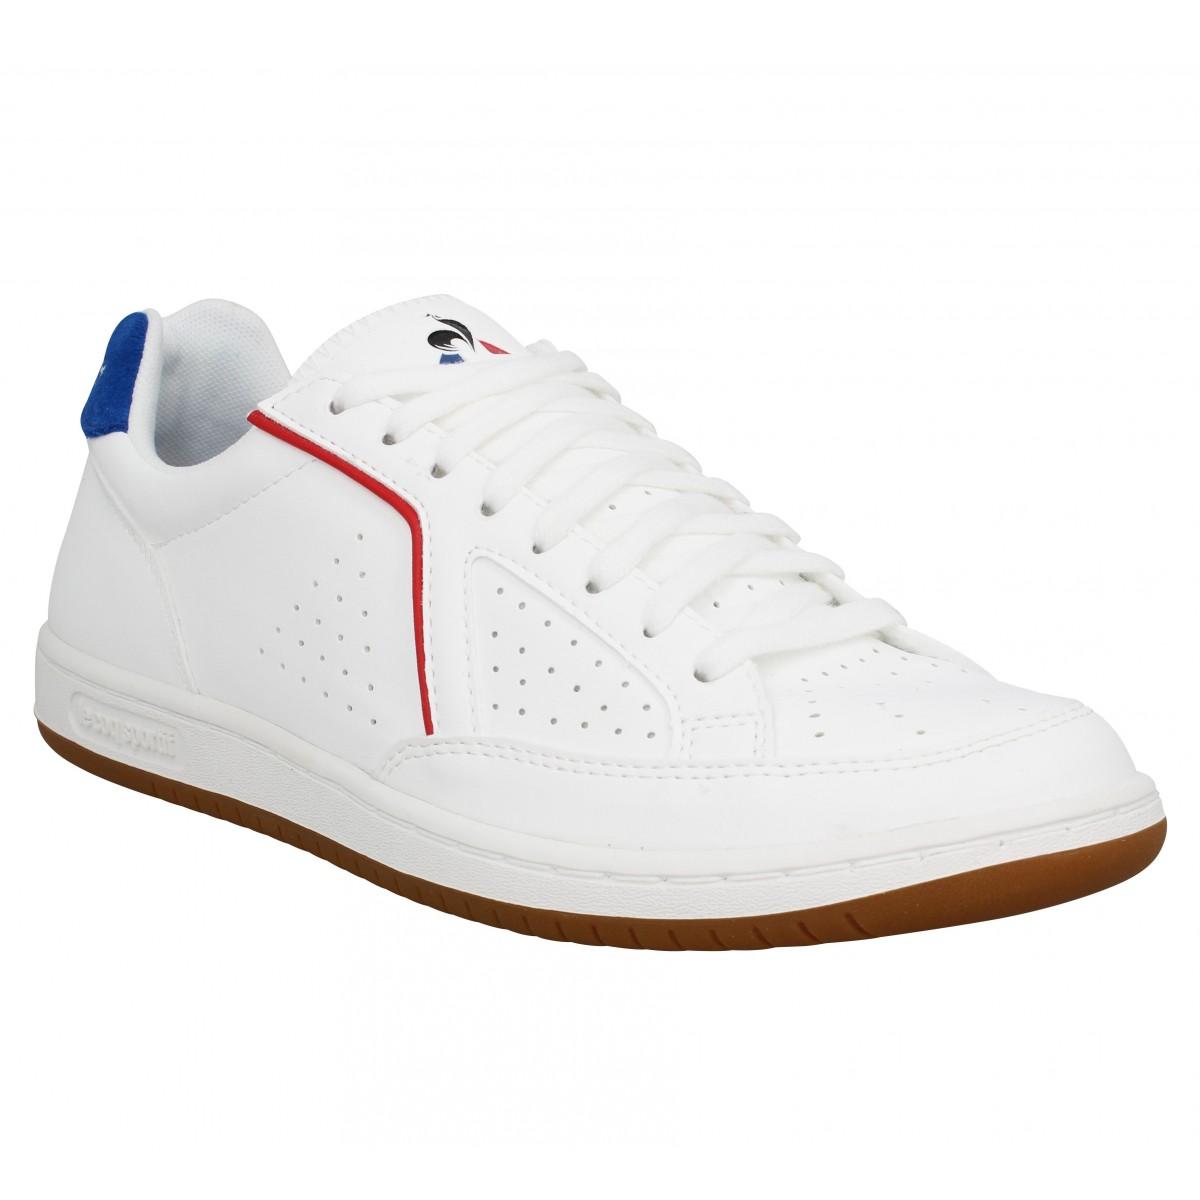 chaussure adidas sans cuir